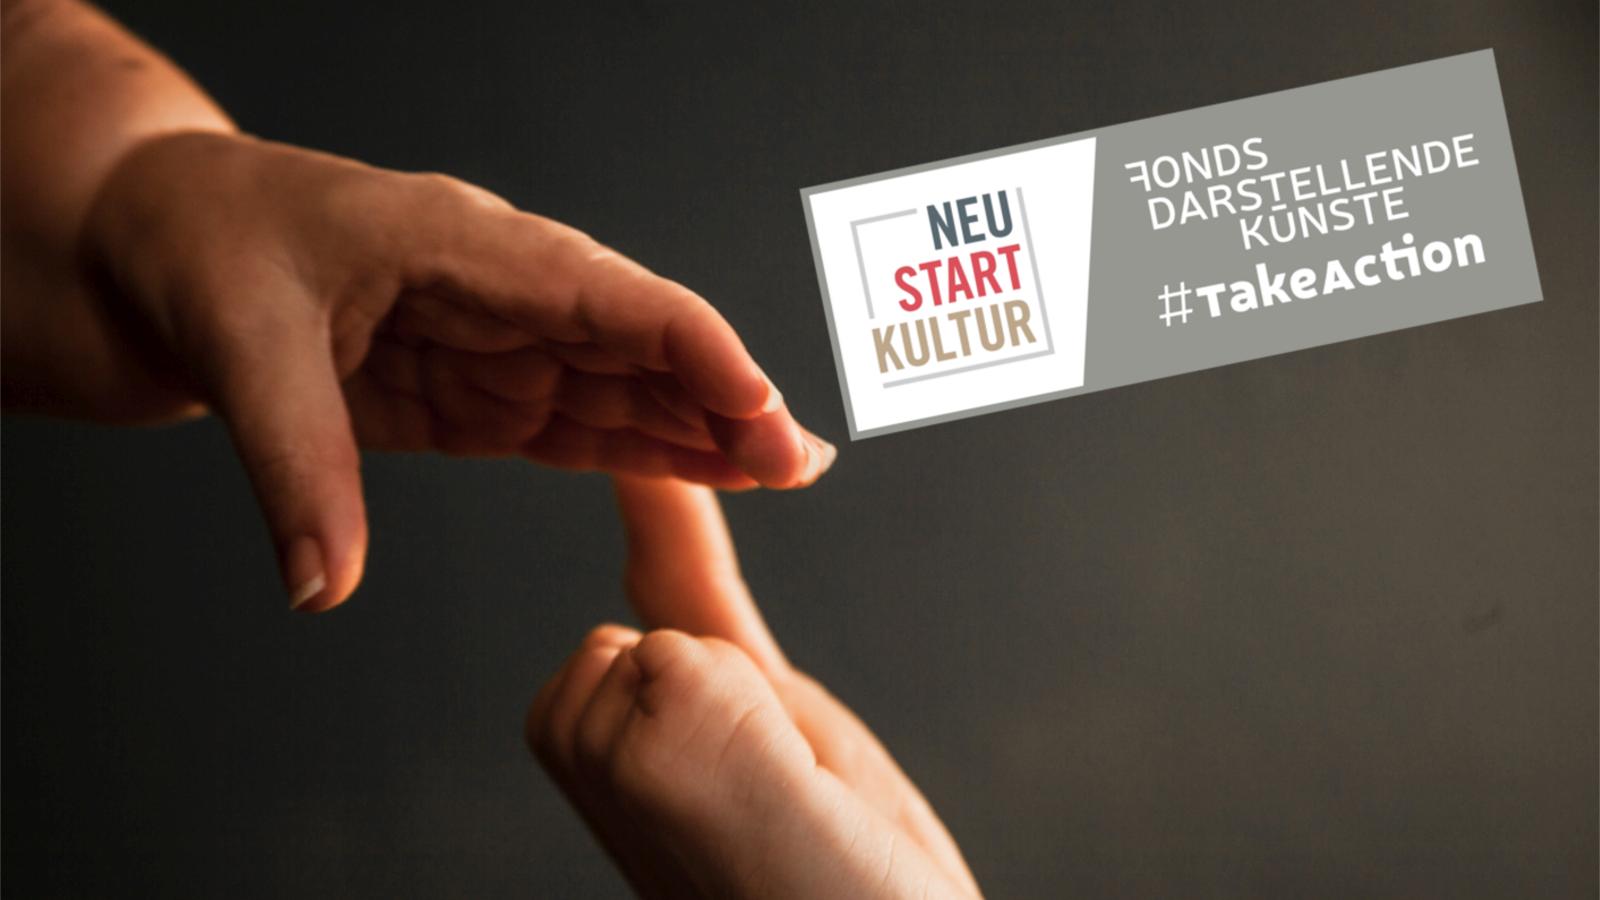 Take Action – (We don't) [Kehr]